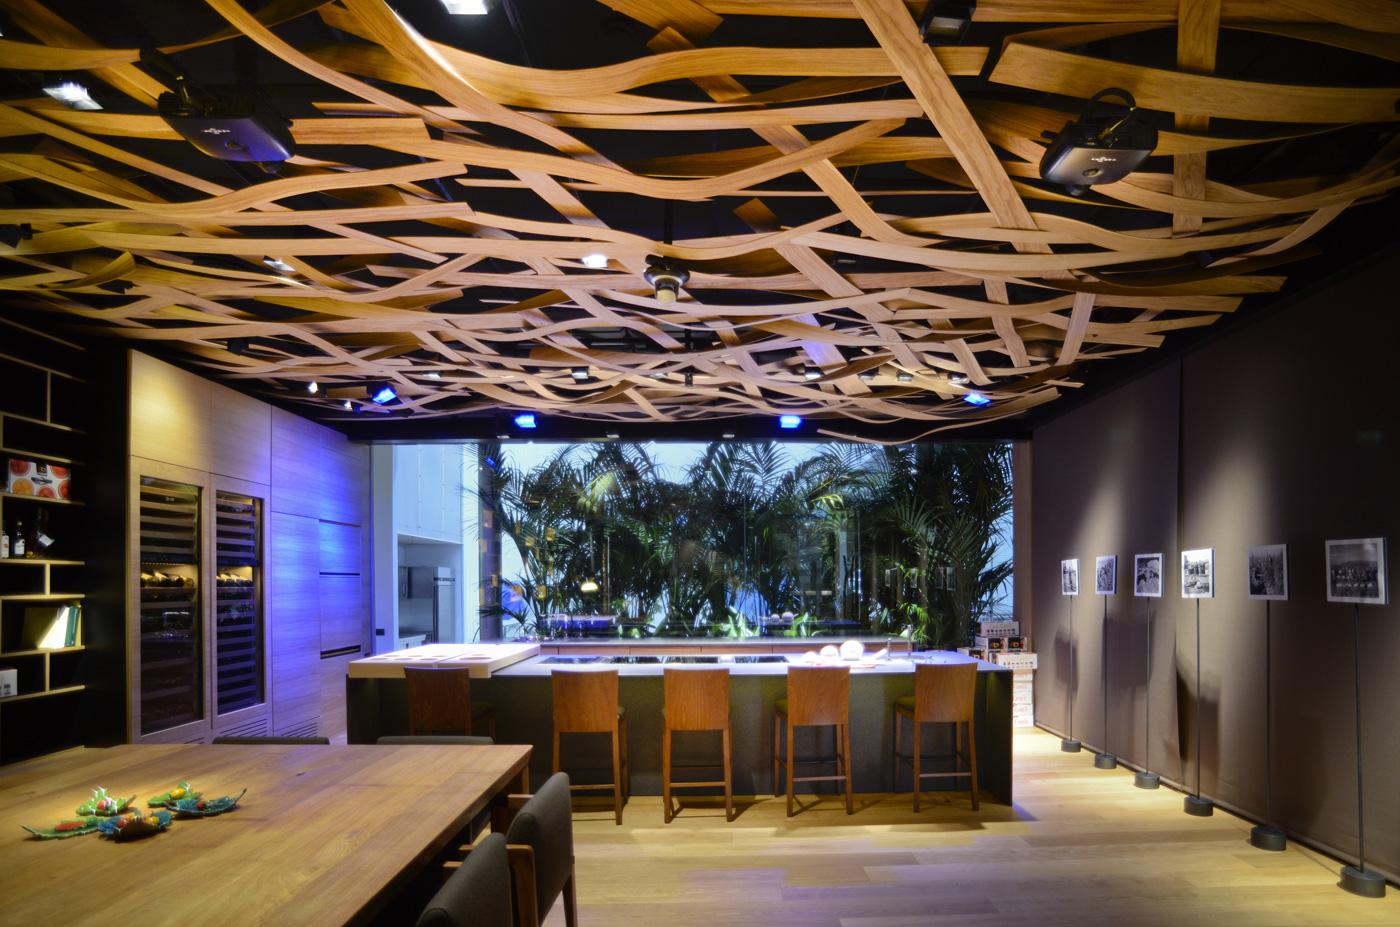 Illuminazione Tavoli Ristorante : Come migliorare il tuo ristorante grazie all illuminazione